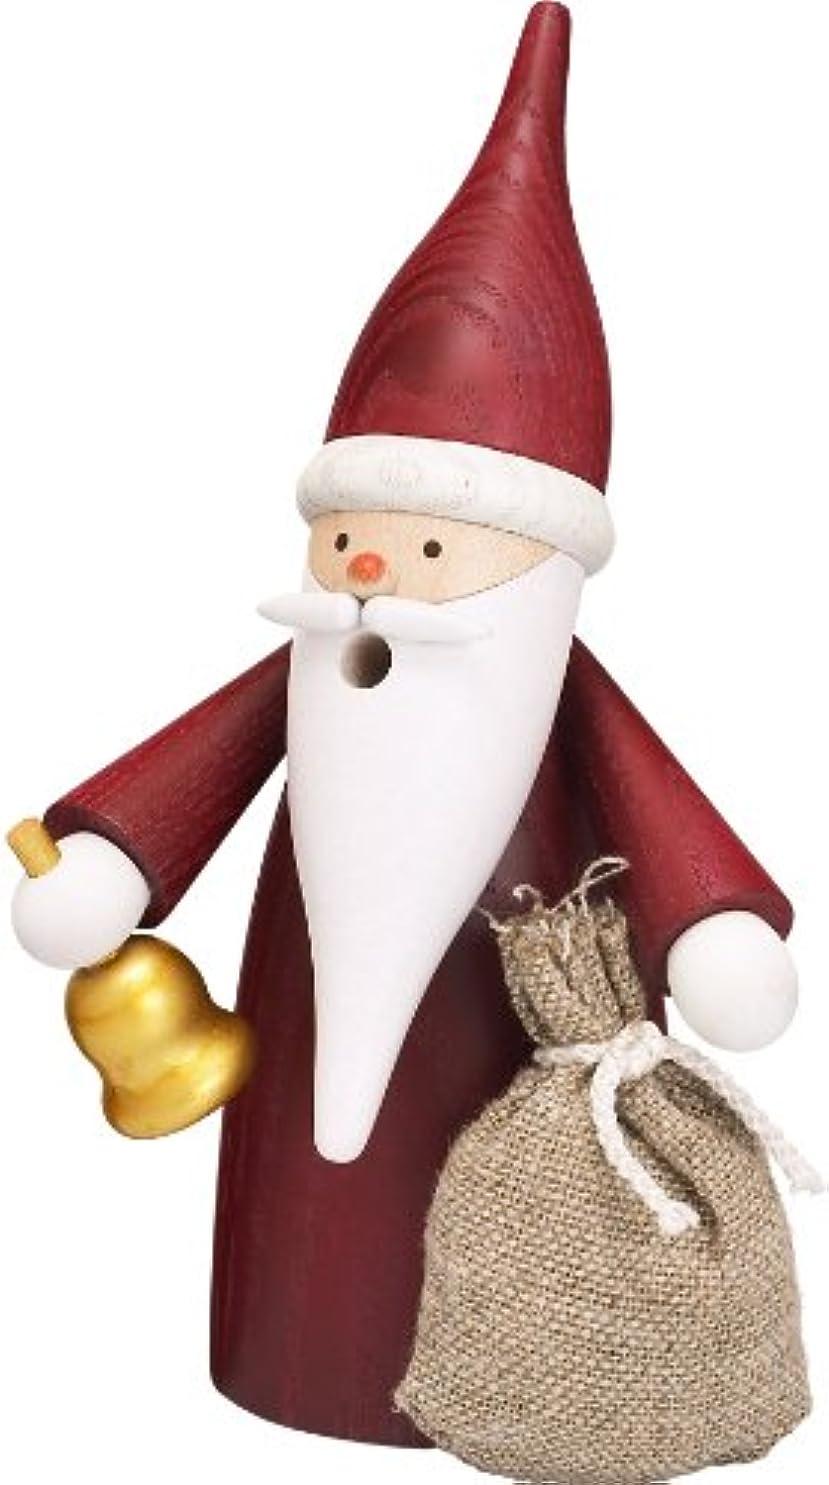 見る親補足煙ることは新しい煙る人の元の エルツ山地 のクリスマスの小びと 12315 を計算します